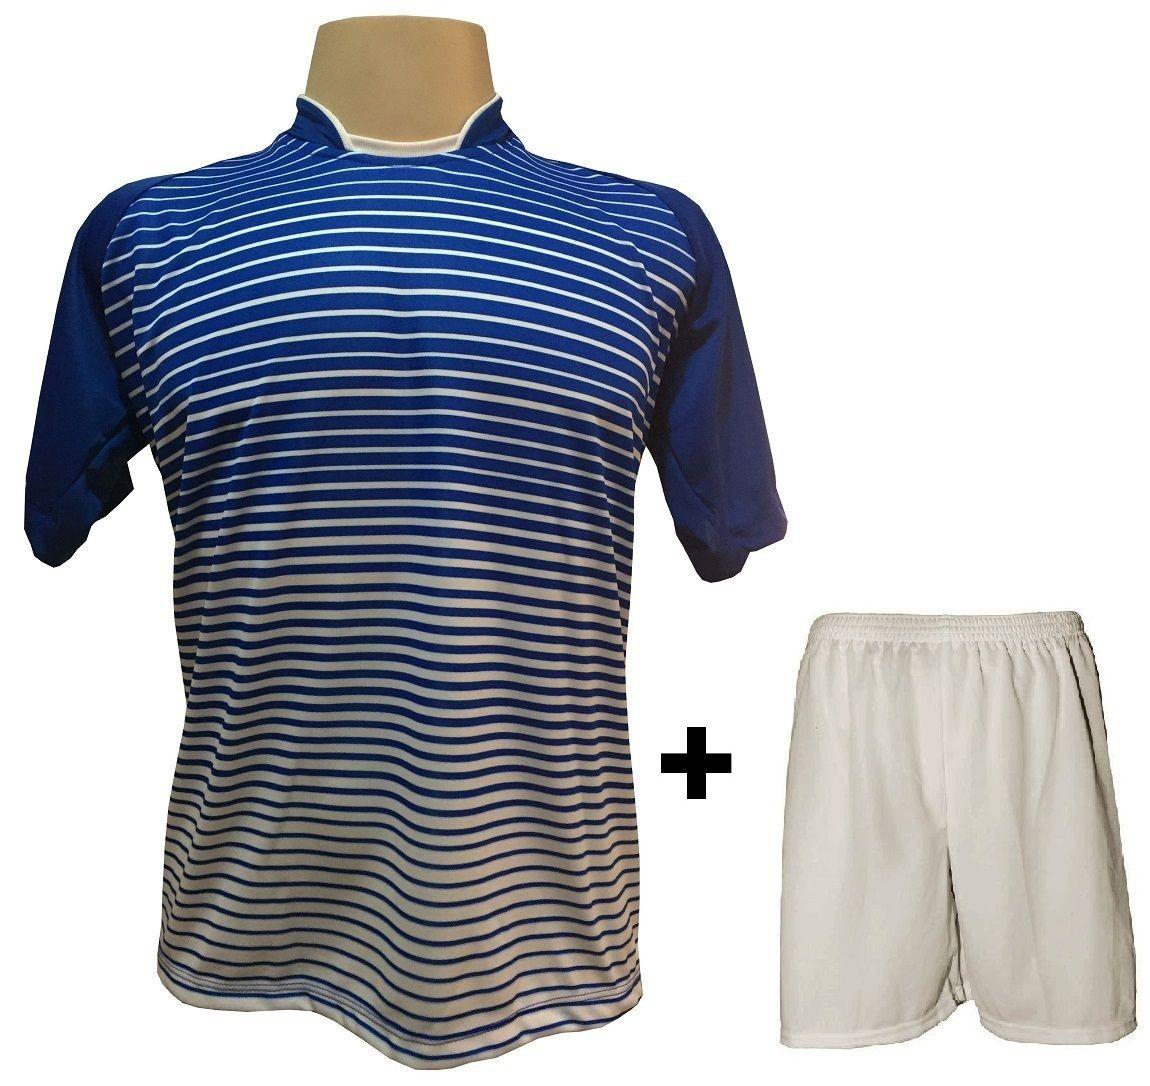 Uniforme Esportivo com 18 camisas modelo City Royal/Branco + 18 calções modelo Madrid Branco + Brindes